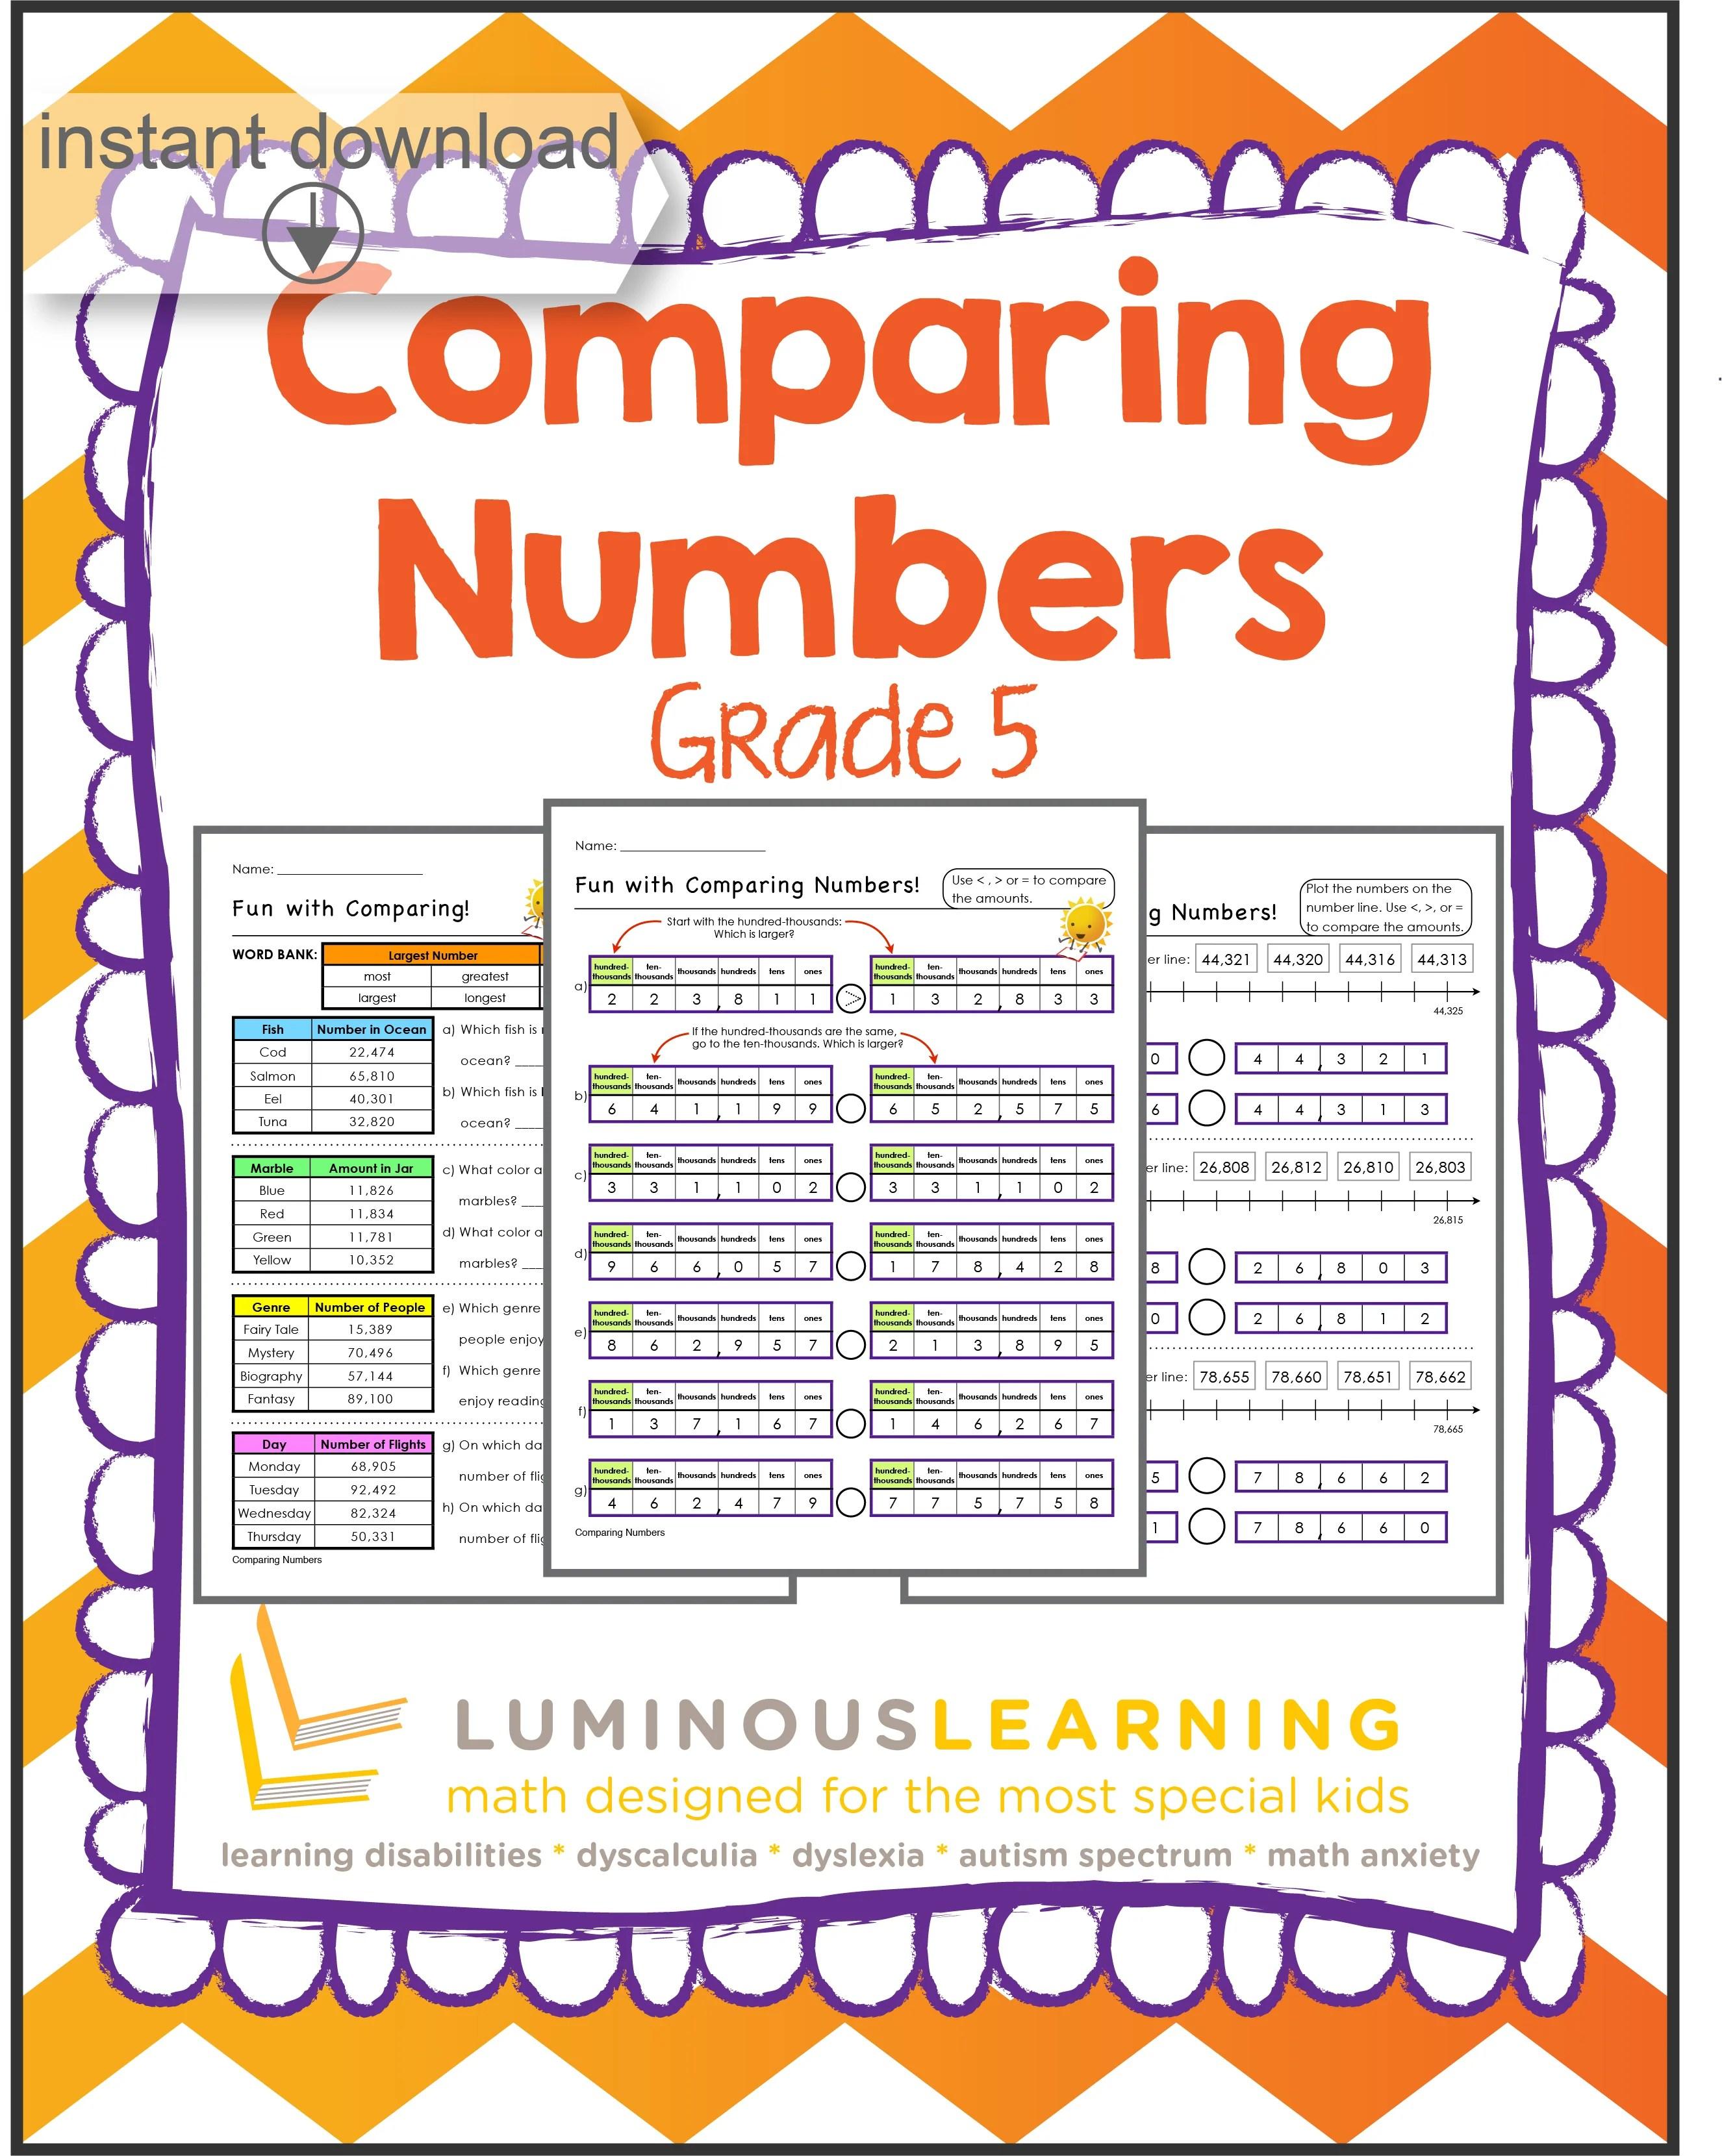 Grade 5 Comparing Numbers: Printable Workbook [ 3320 x 2651 Pixel ]